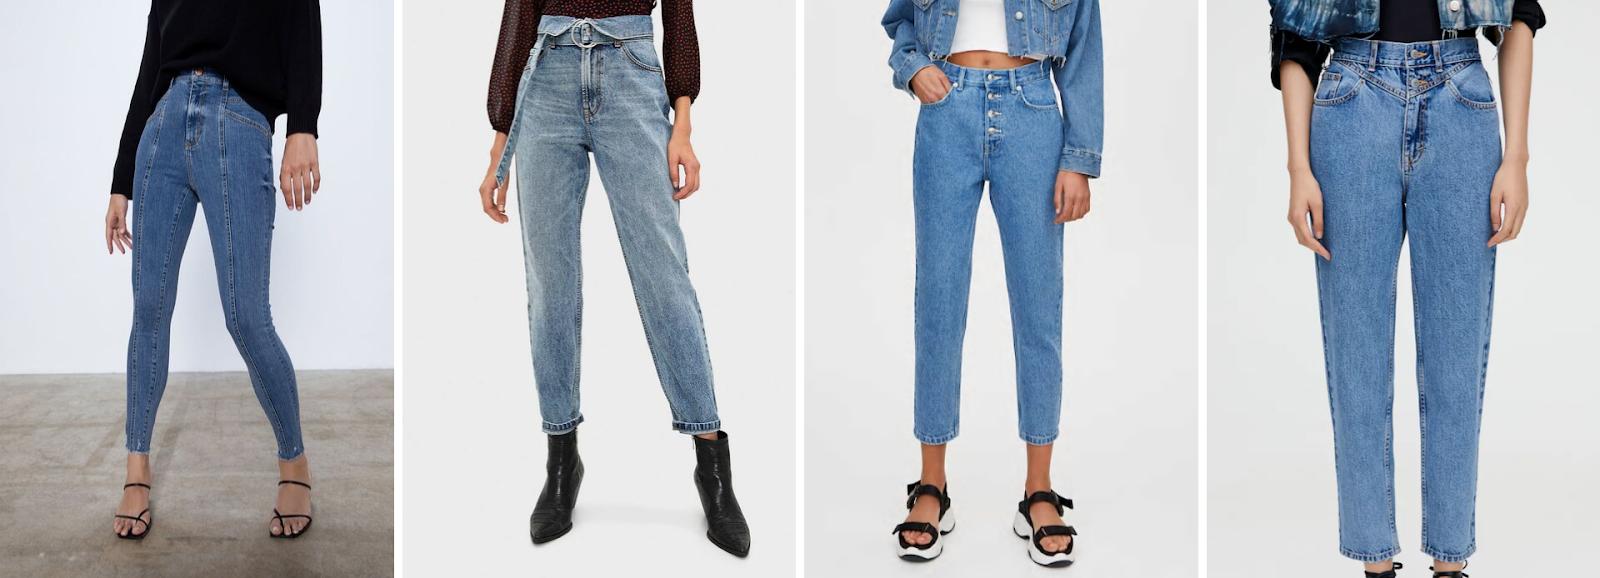 Onde comprar jeans irreverentes?